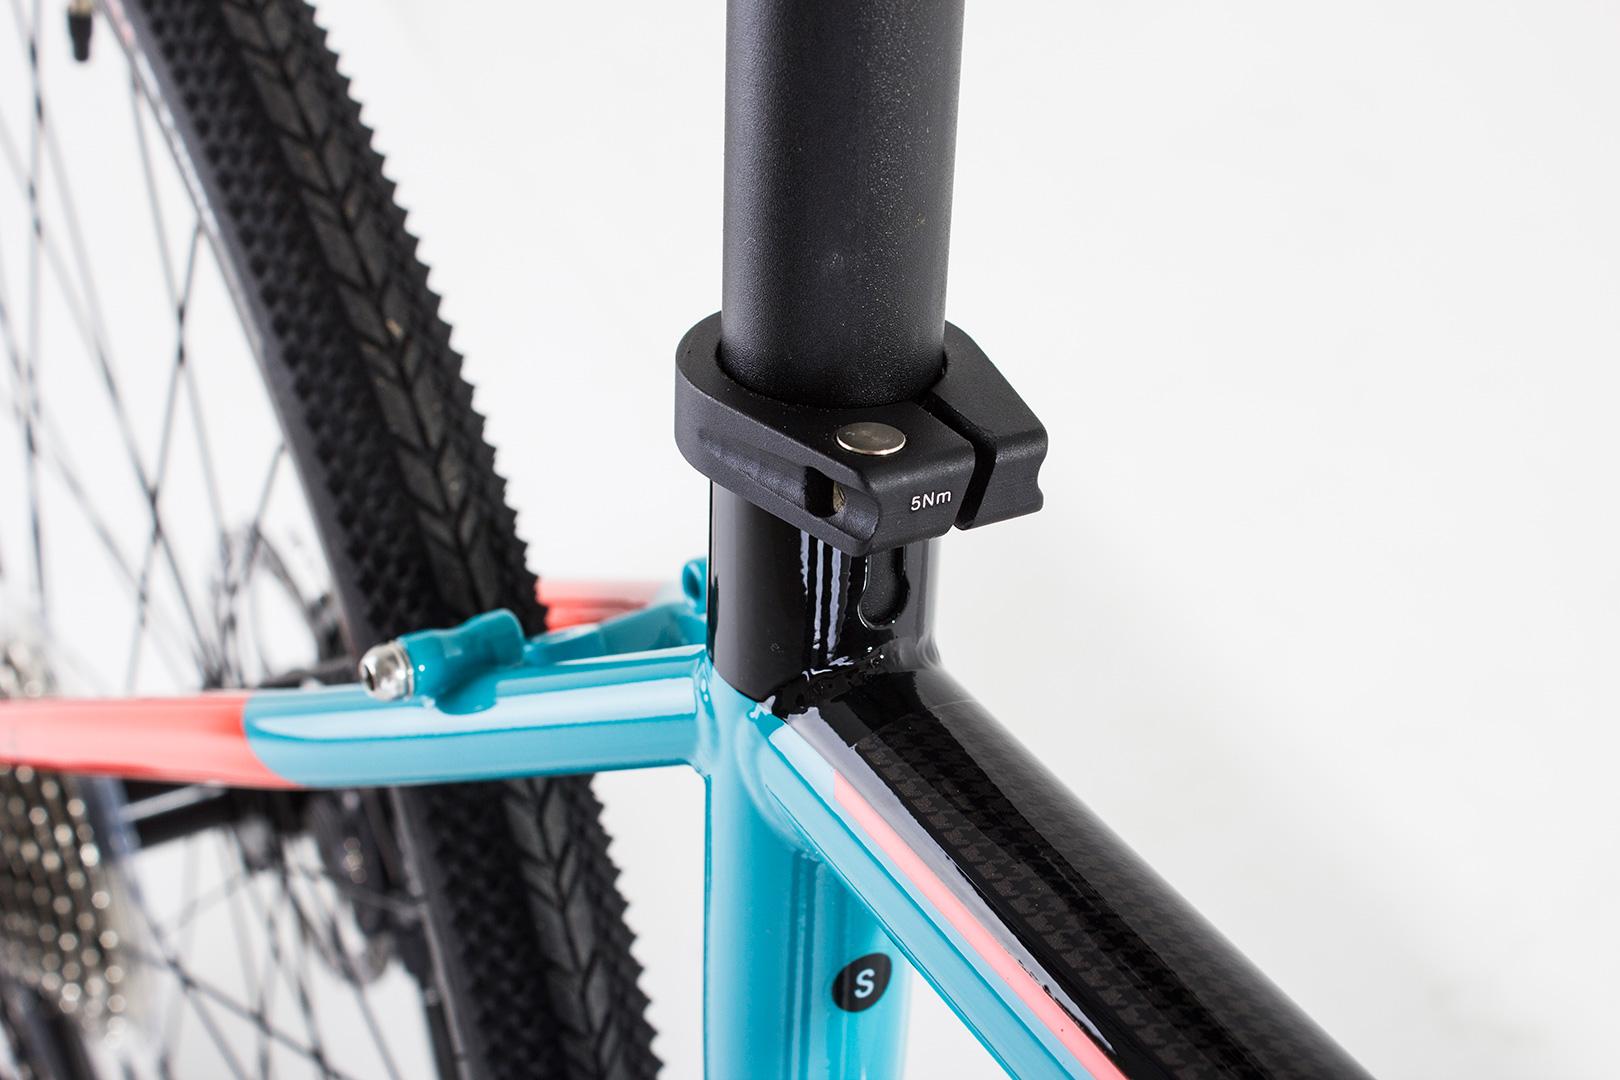 genesis 2018 croix de fer mgt complete bike all traffic distribution. Black Bedroom Furniture Sets. Home Design Ideas